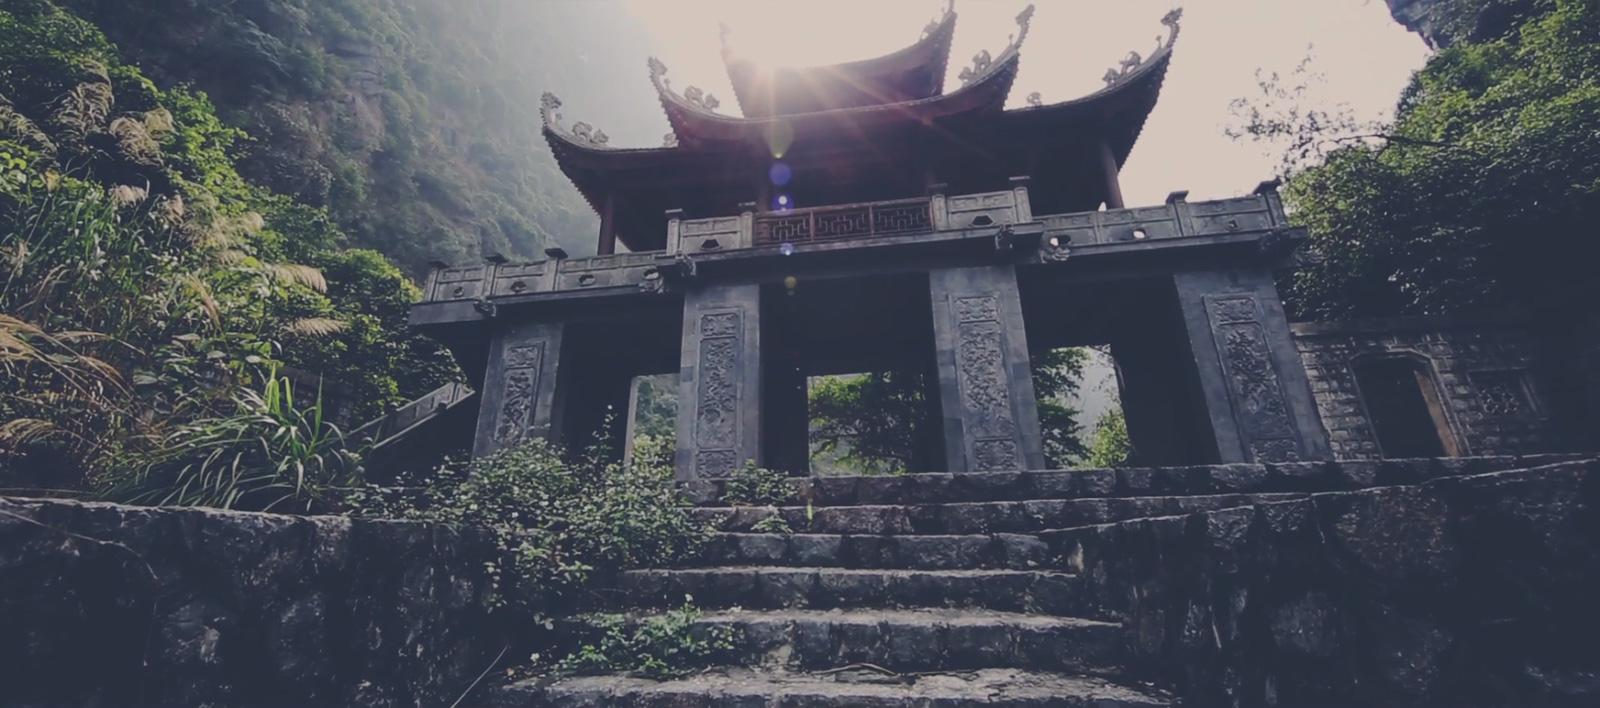 Somewhere_In_Vietnam-Menassier_gabriel-4